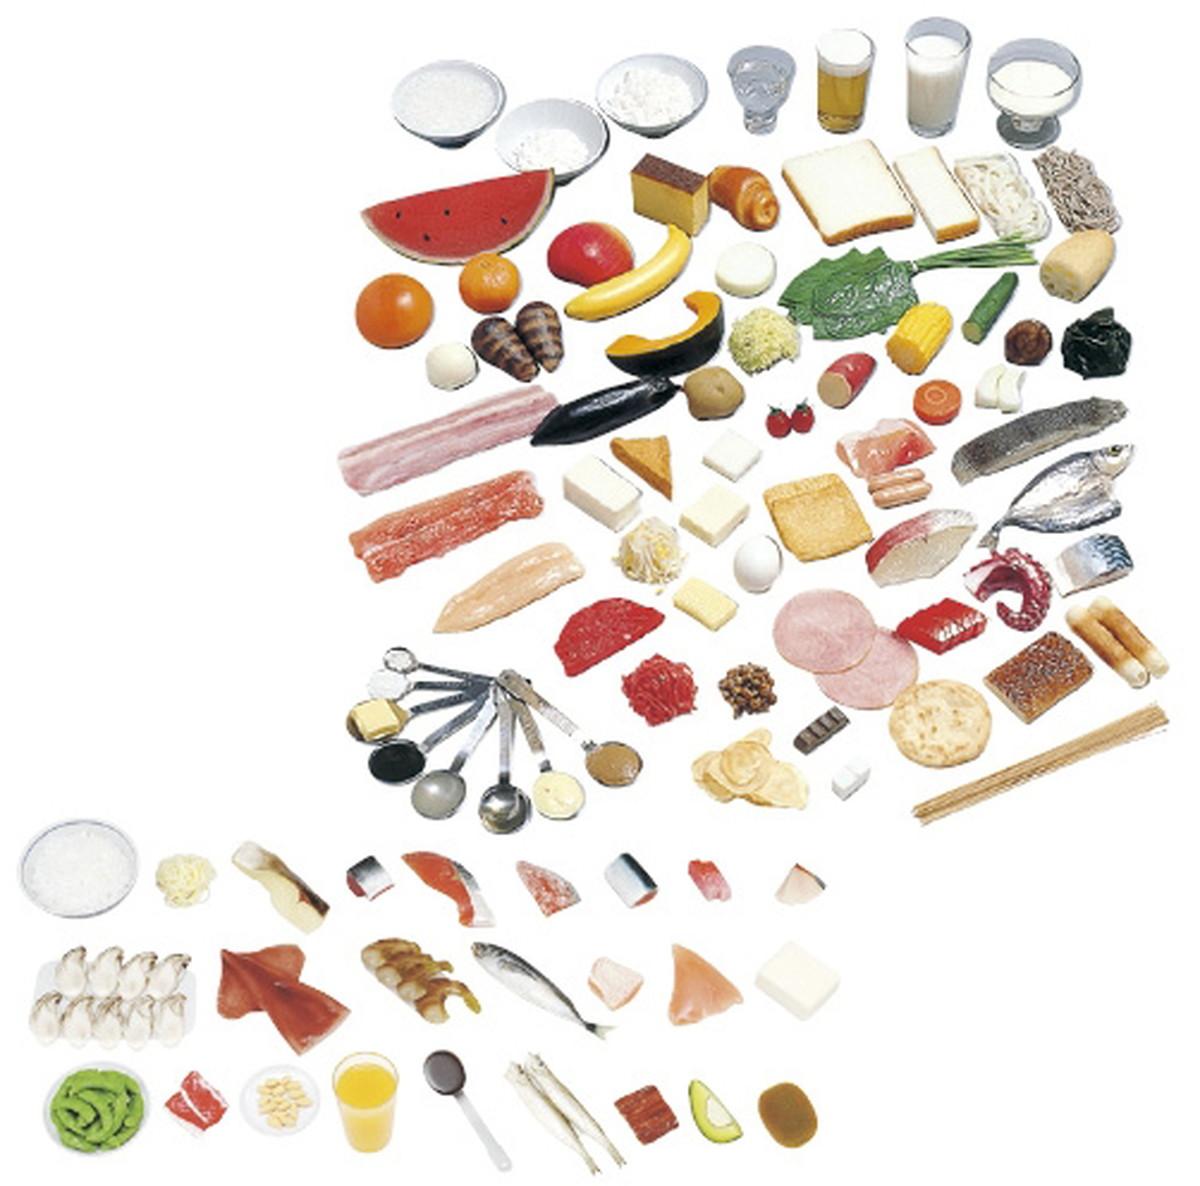 【送料無料】-糖尿病指導キット(1~50品セット) 14-B50(ジシャクツキ) 品番 my24-4508-01-- 1入り-【MY医科器機】